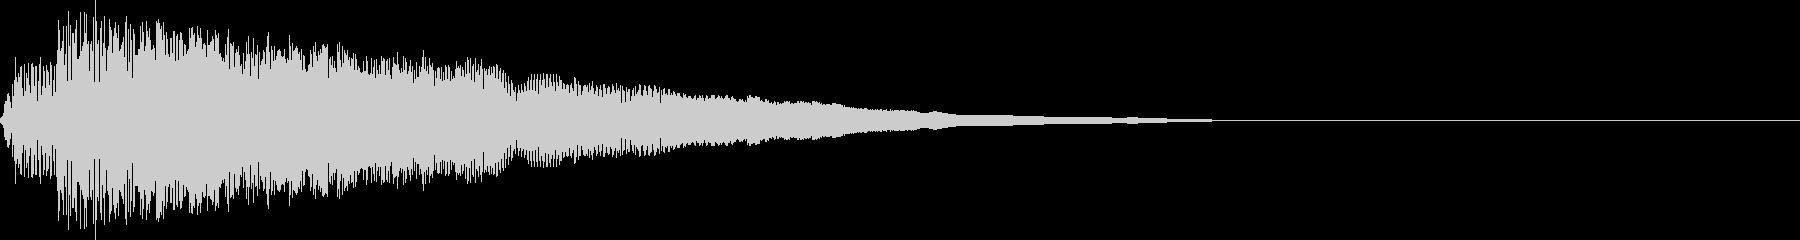 ポコン!(ピコピコ音/ショット/かわいいの未再生の波形